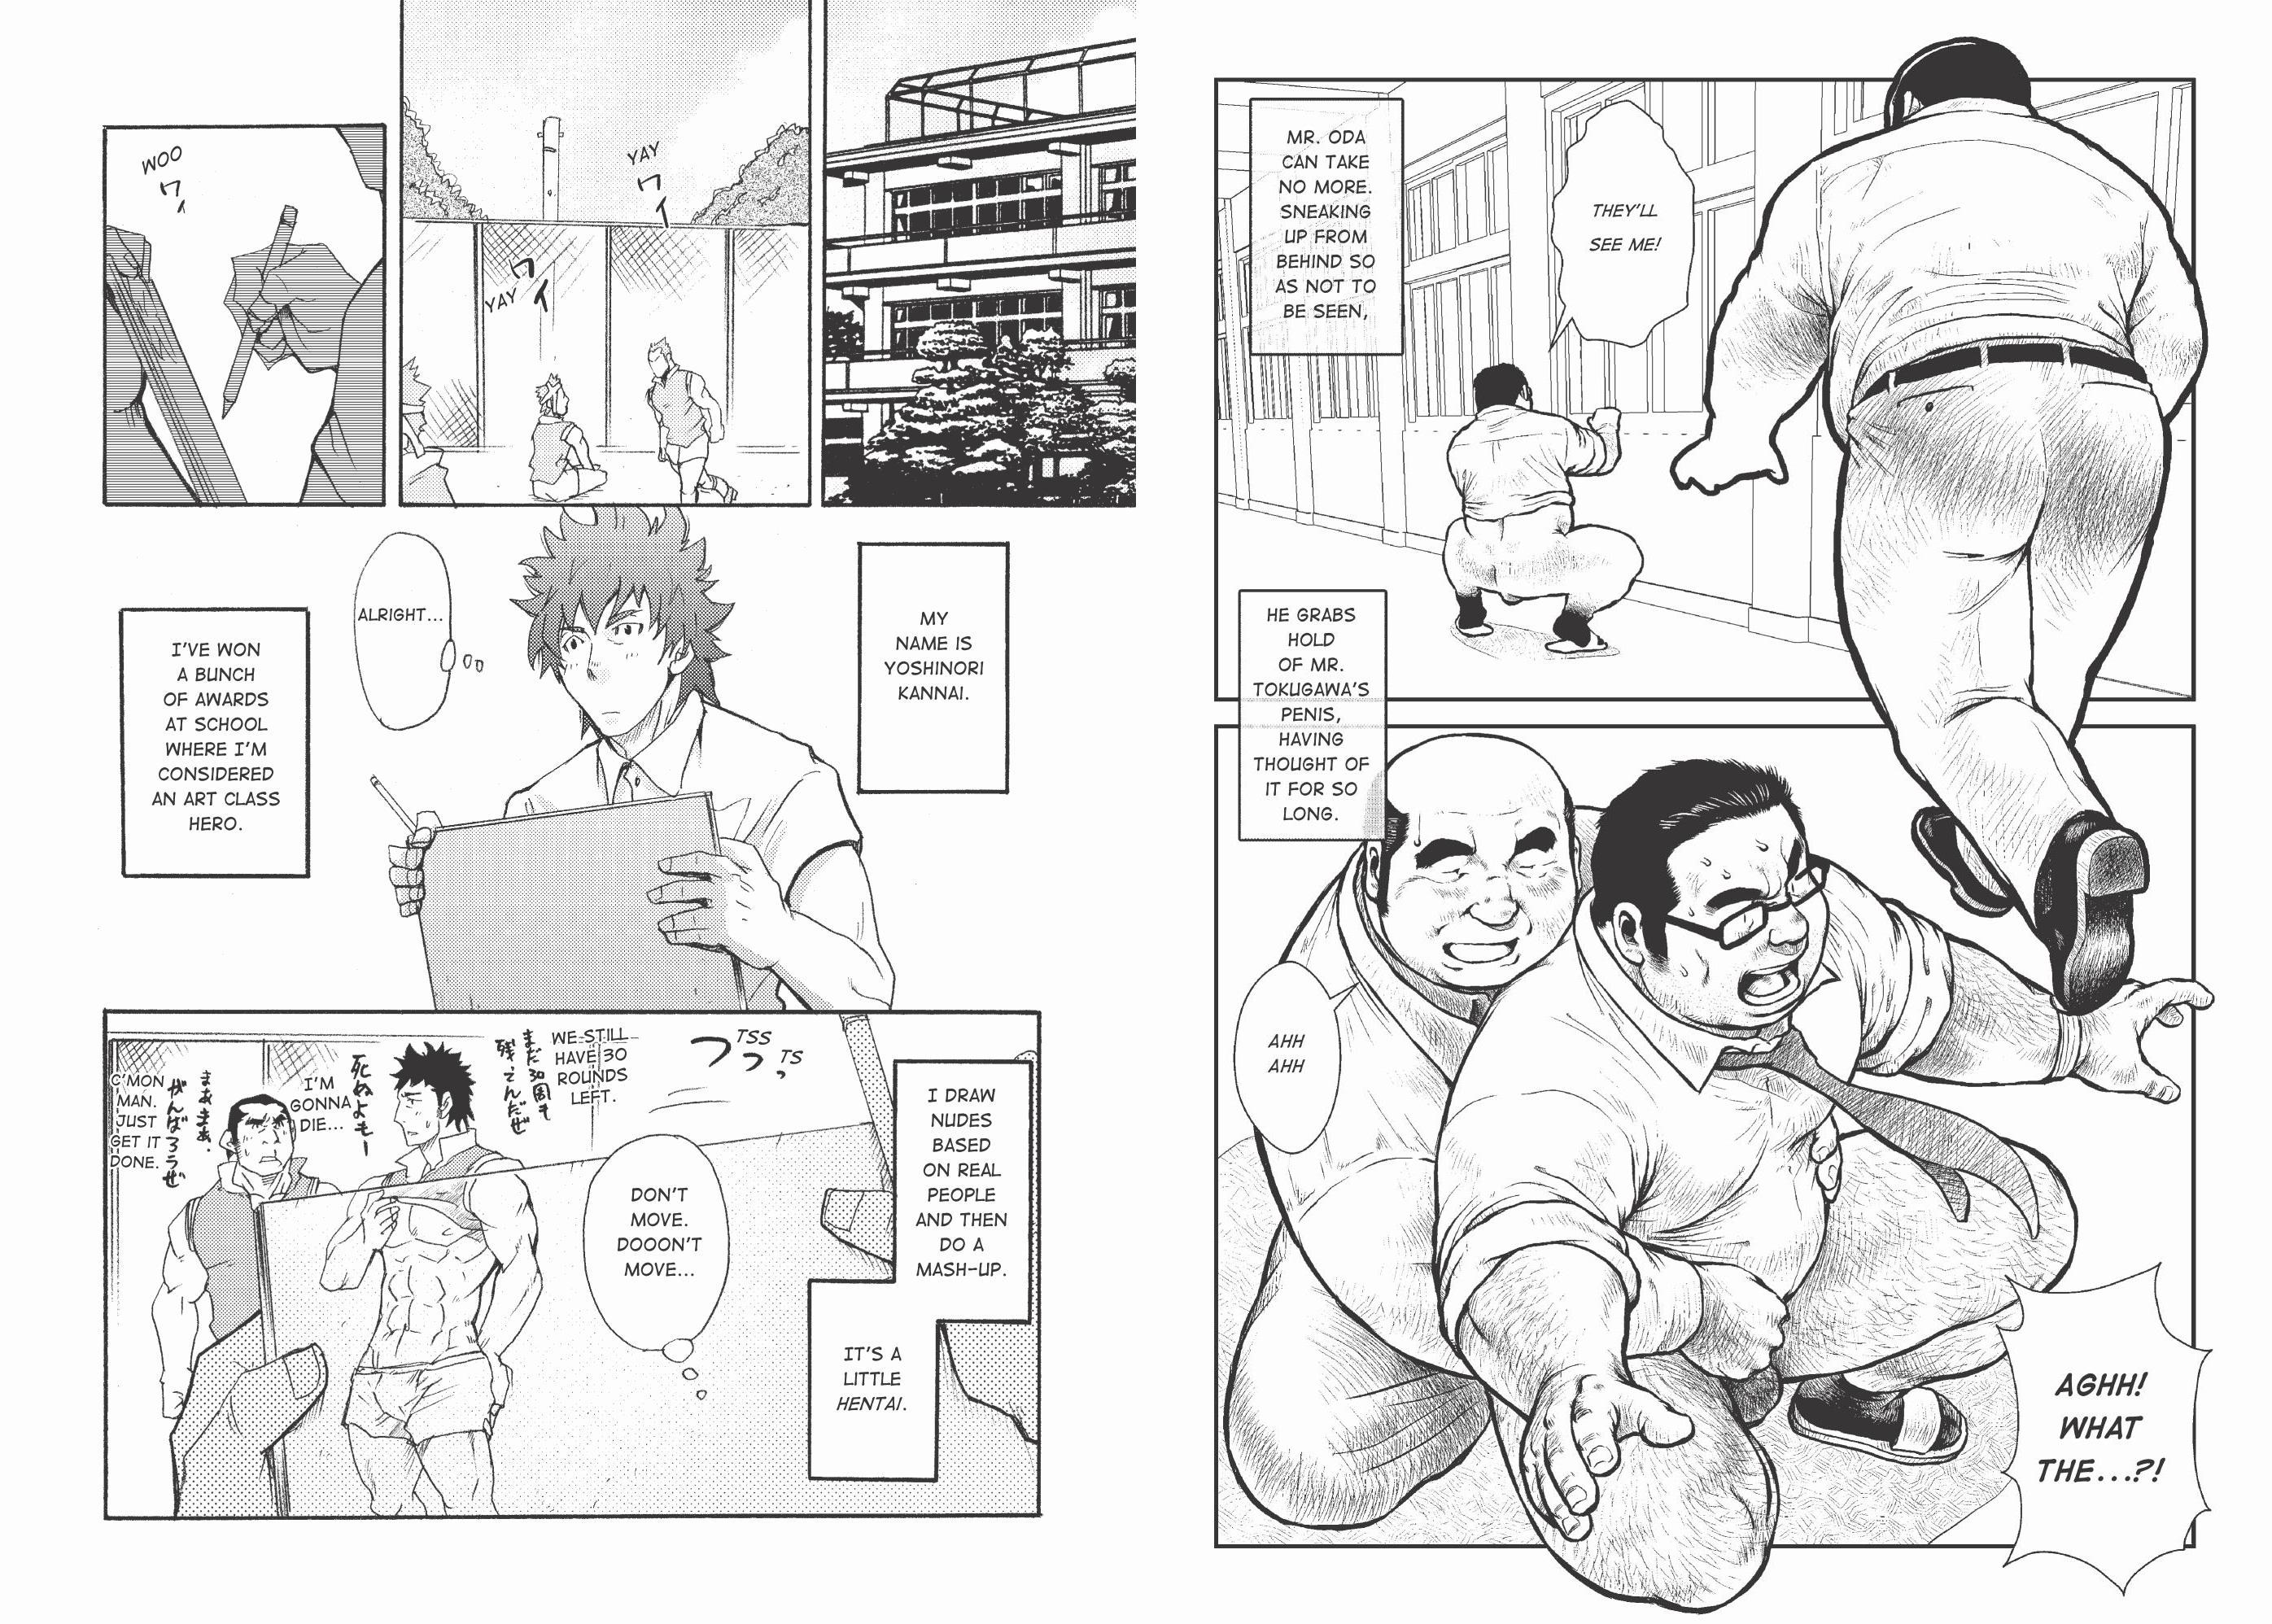 Massive Gay Erotic Manga review